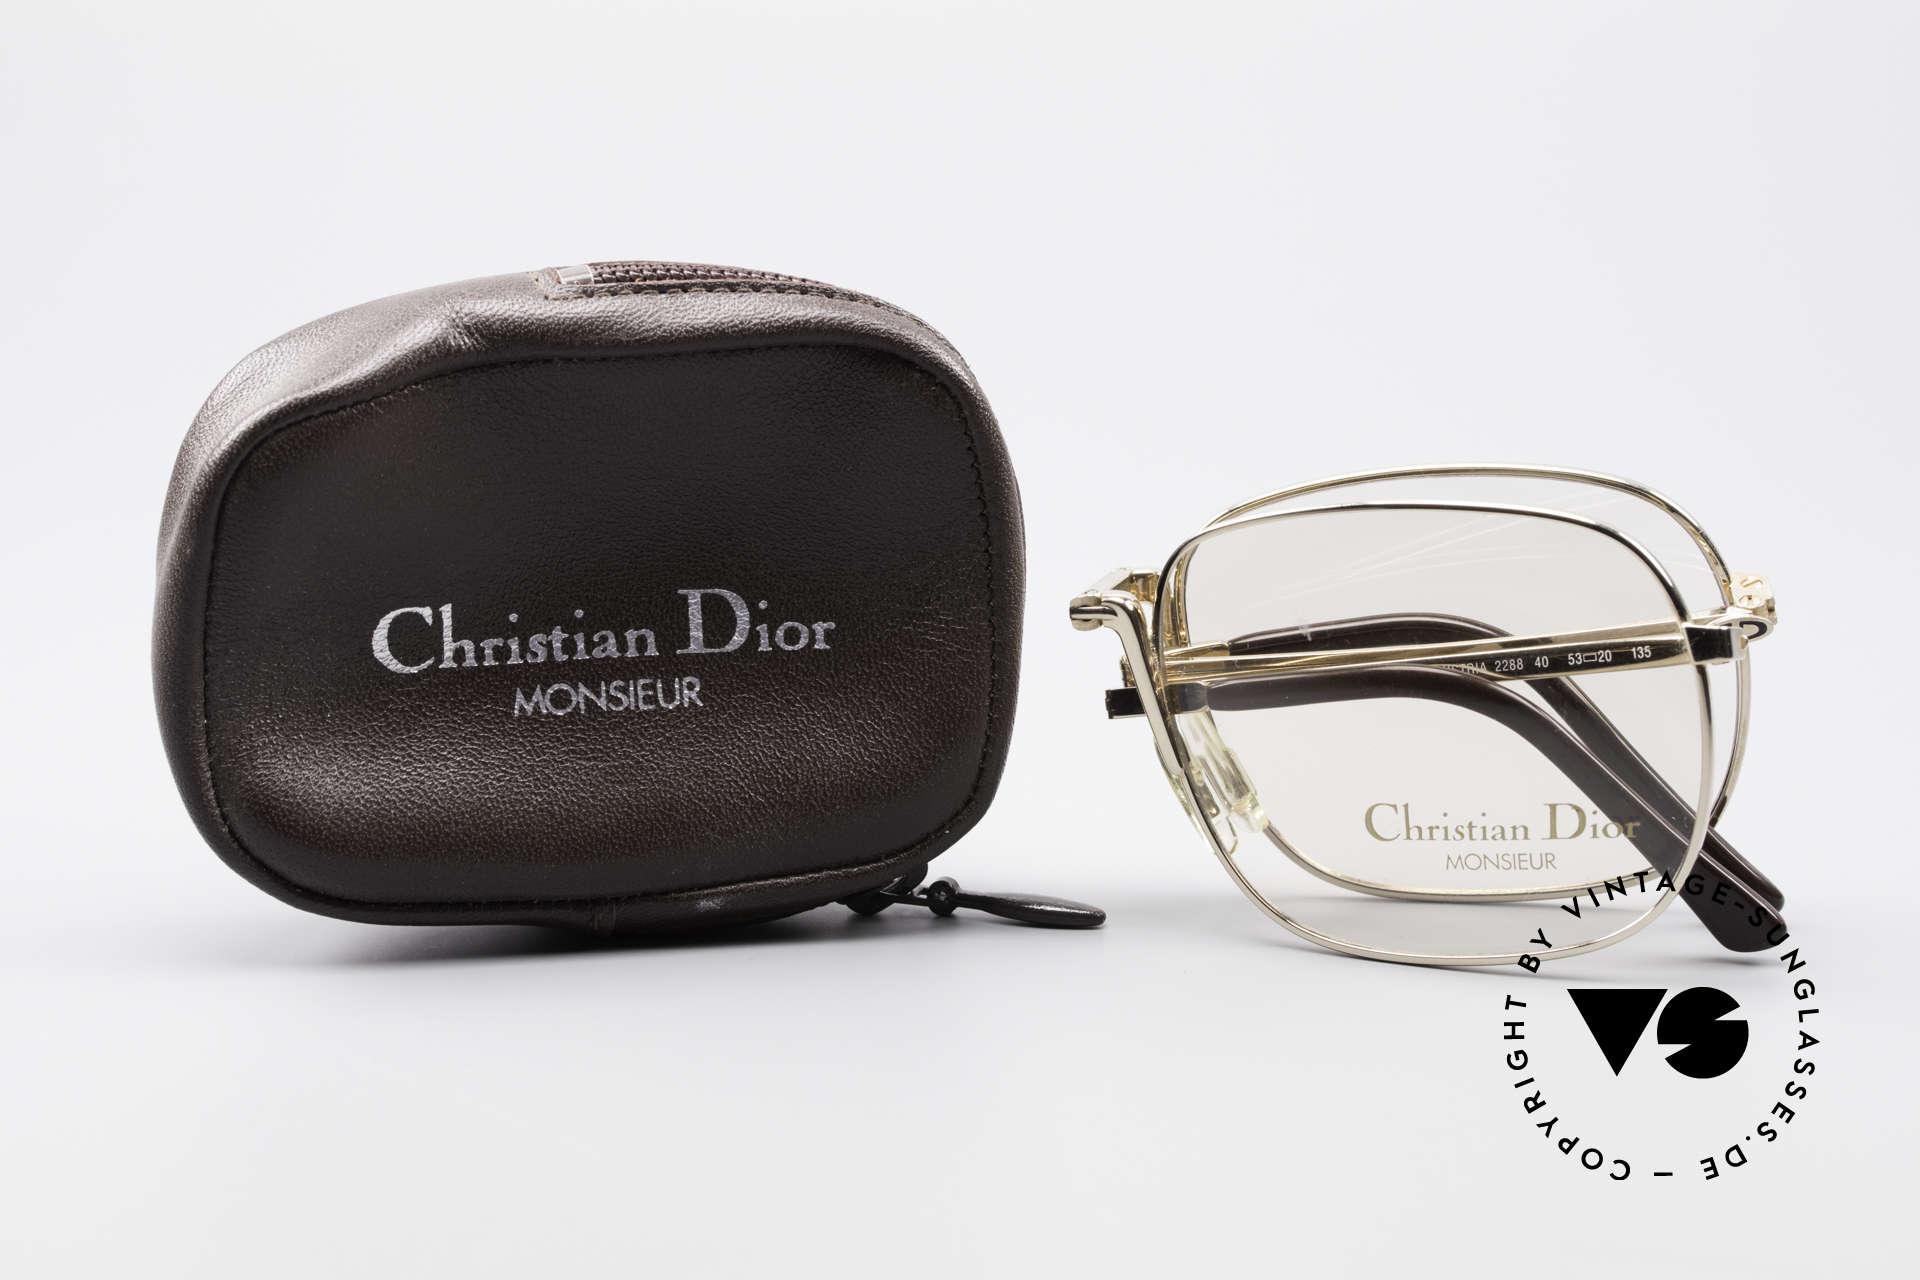 Christian Dior 2288 Monsieur Vintage Faltbrille, Rahmen ist gemacht für Sonnen- od. optische Gläser, Passend für Herren